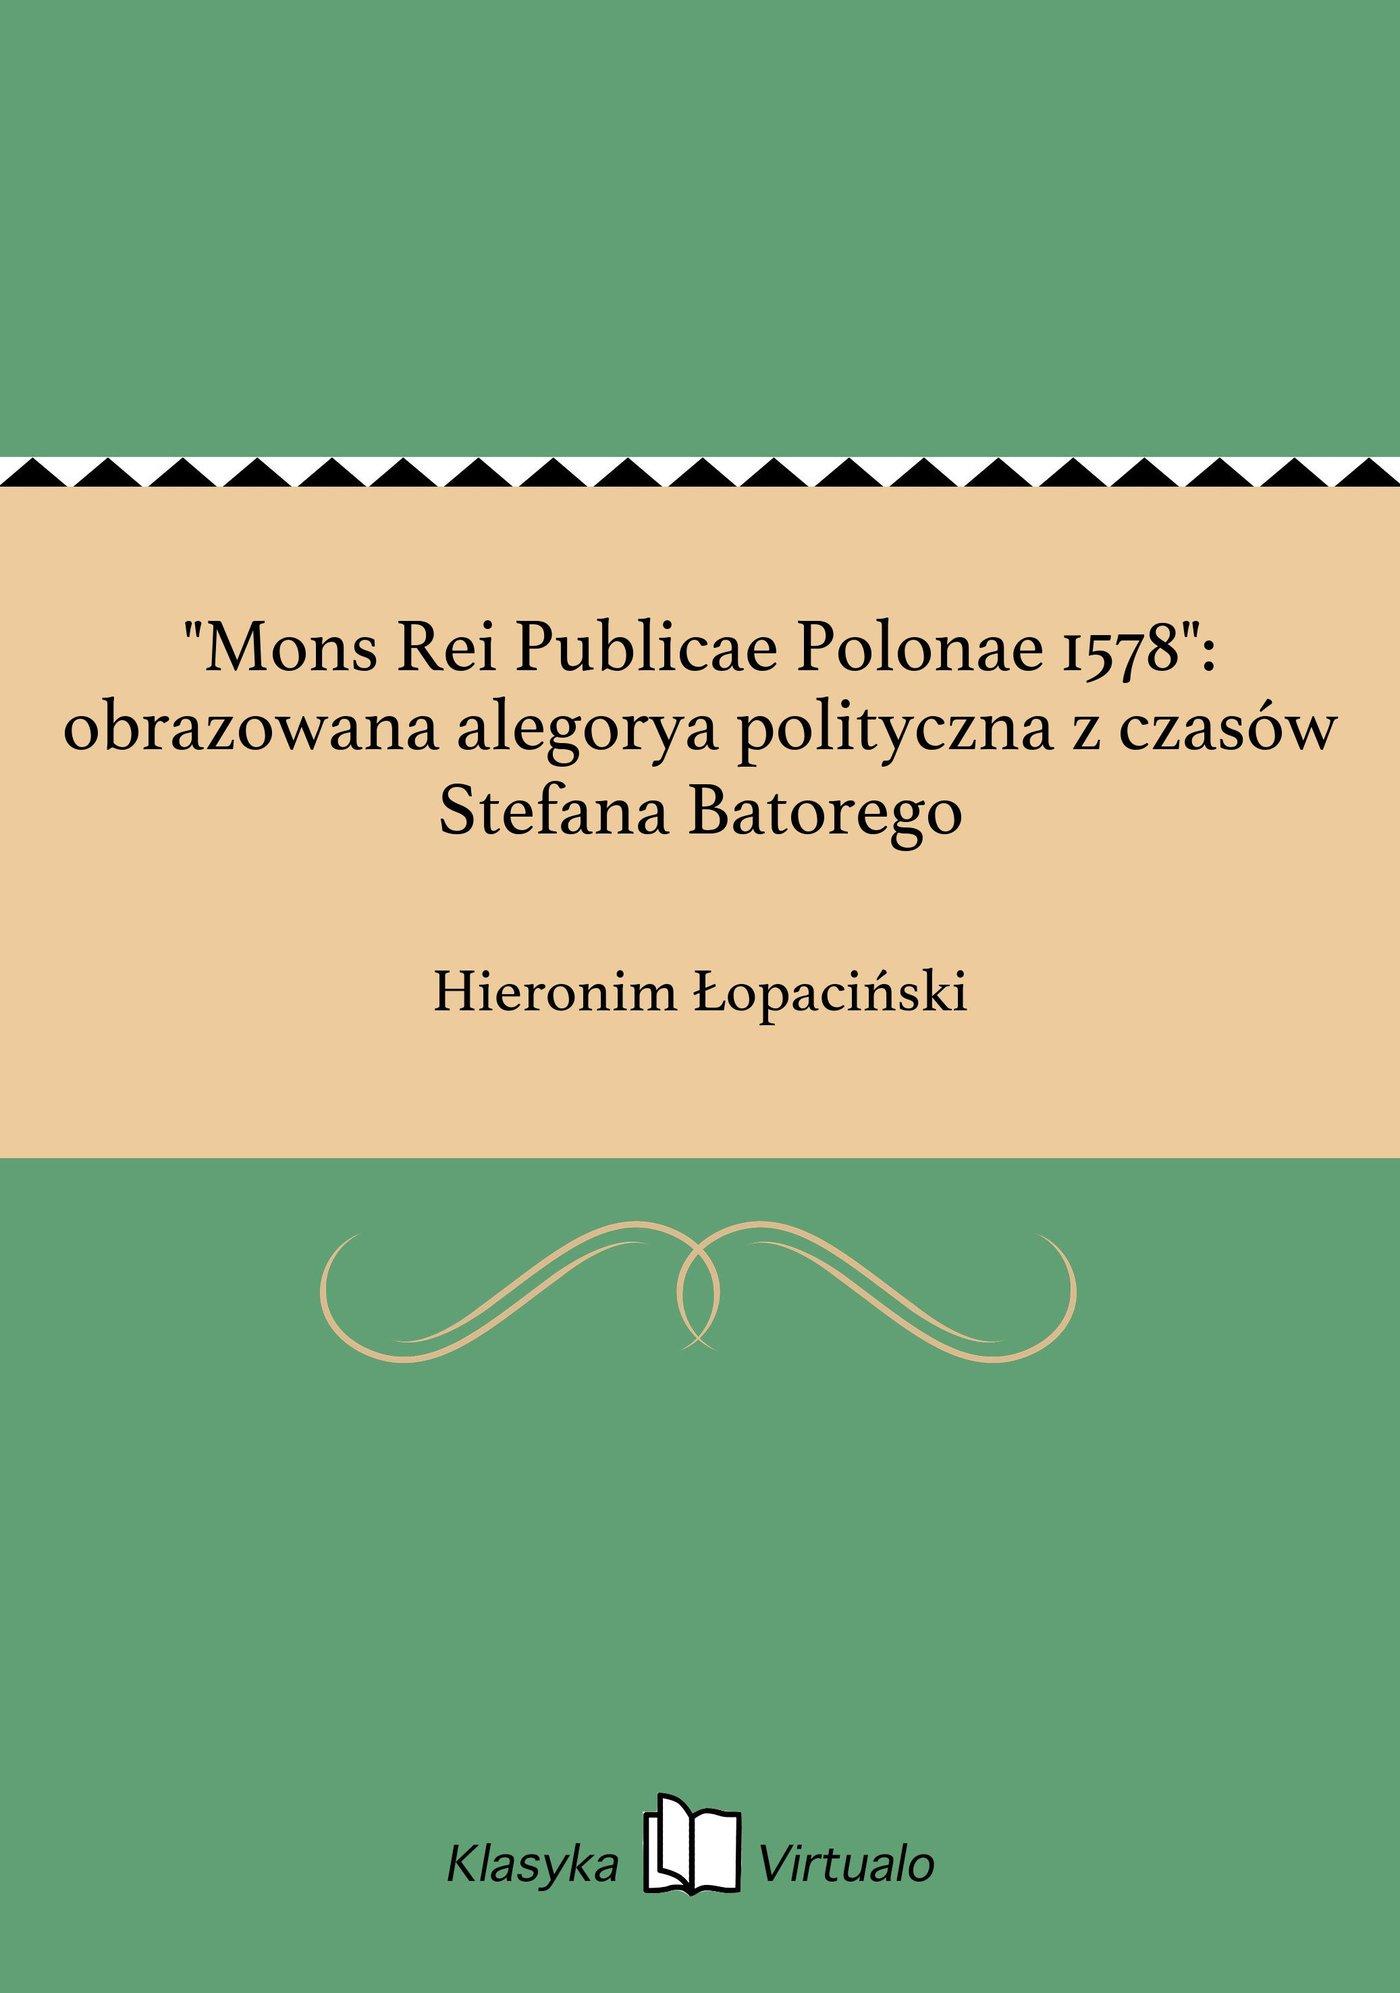 """""""Mons Rei Publicae Polonae 1578"""": obrazowana alegorya polityczna z czasów Stefana Batorego - Ebook (Książka EPUB) do pobrania w formacie EPUB"""